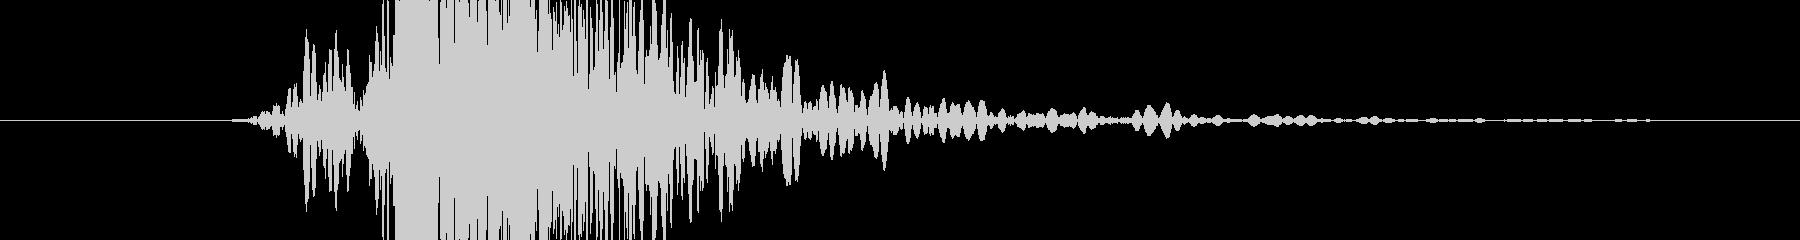 中世 ヒットシールドウッド06の未再生の波形